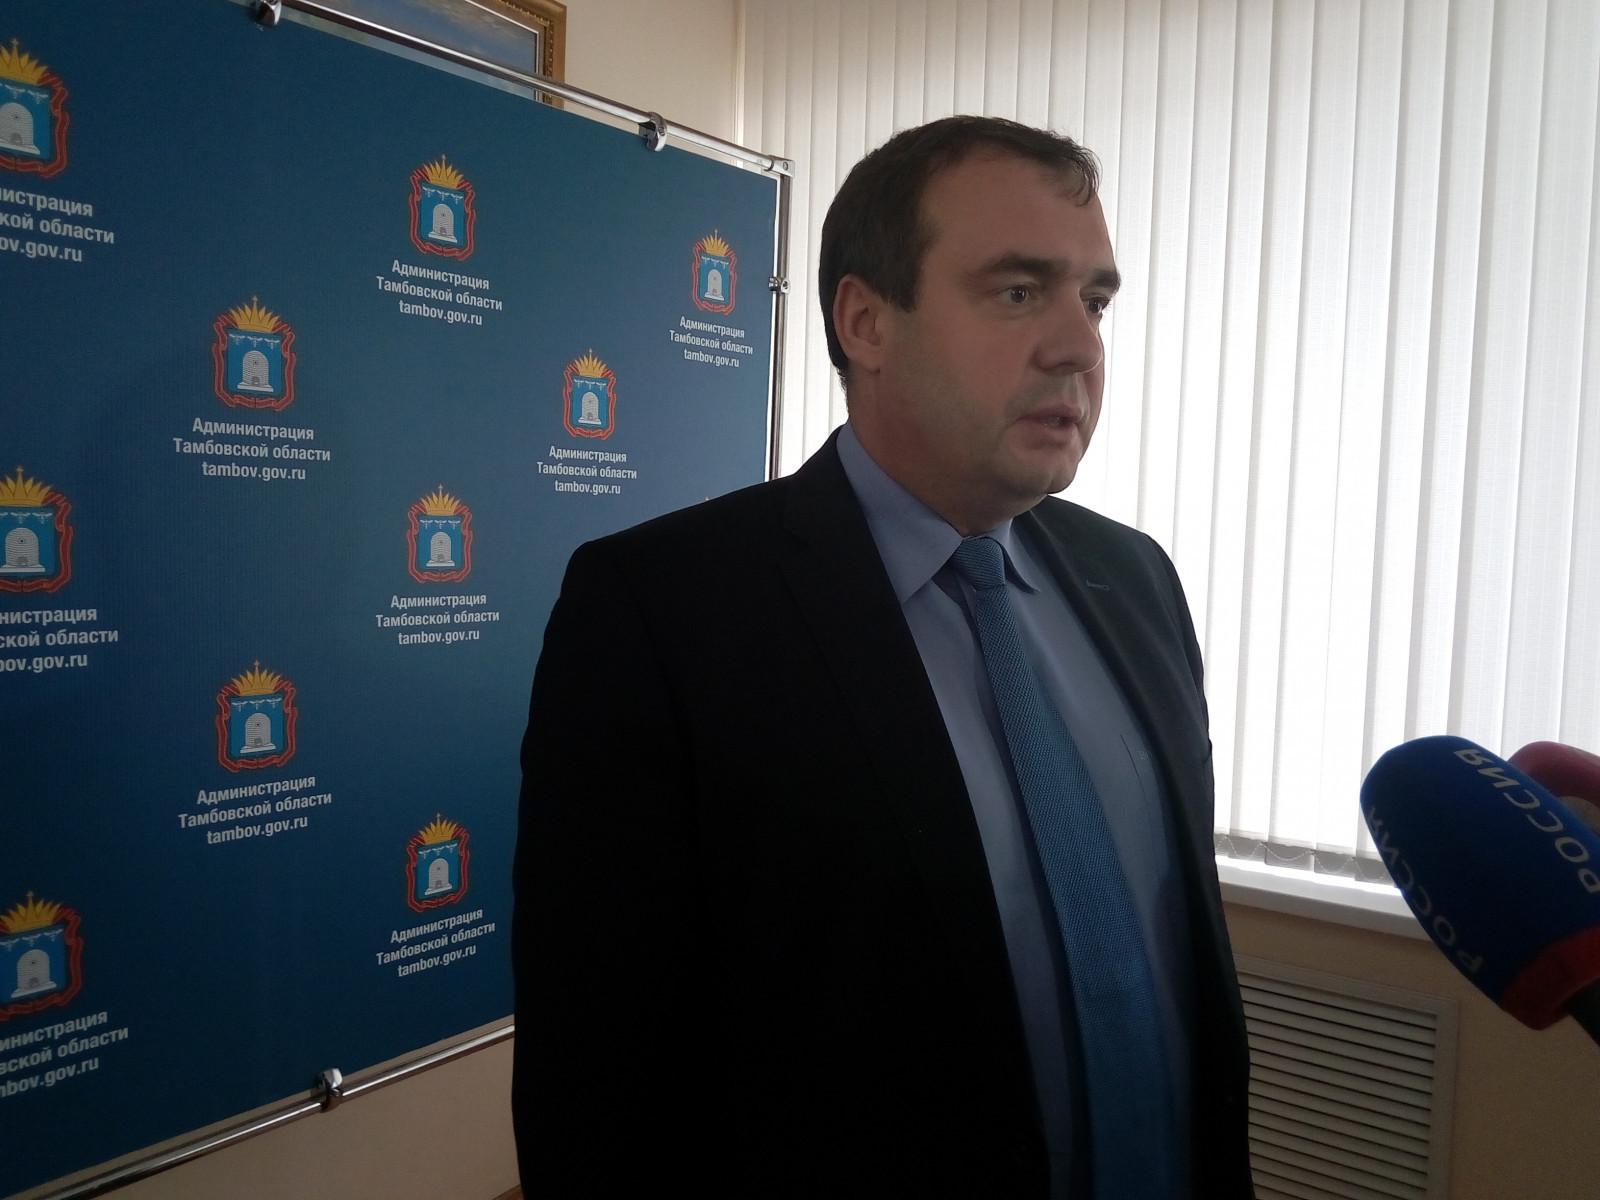 Игорь Кулаков: «Необходимо навести порядок в учете потребления электрической энергии»